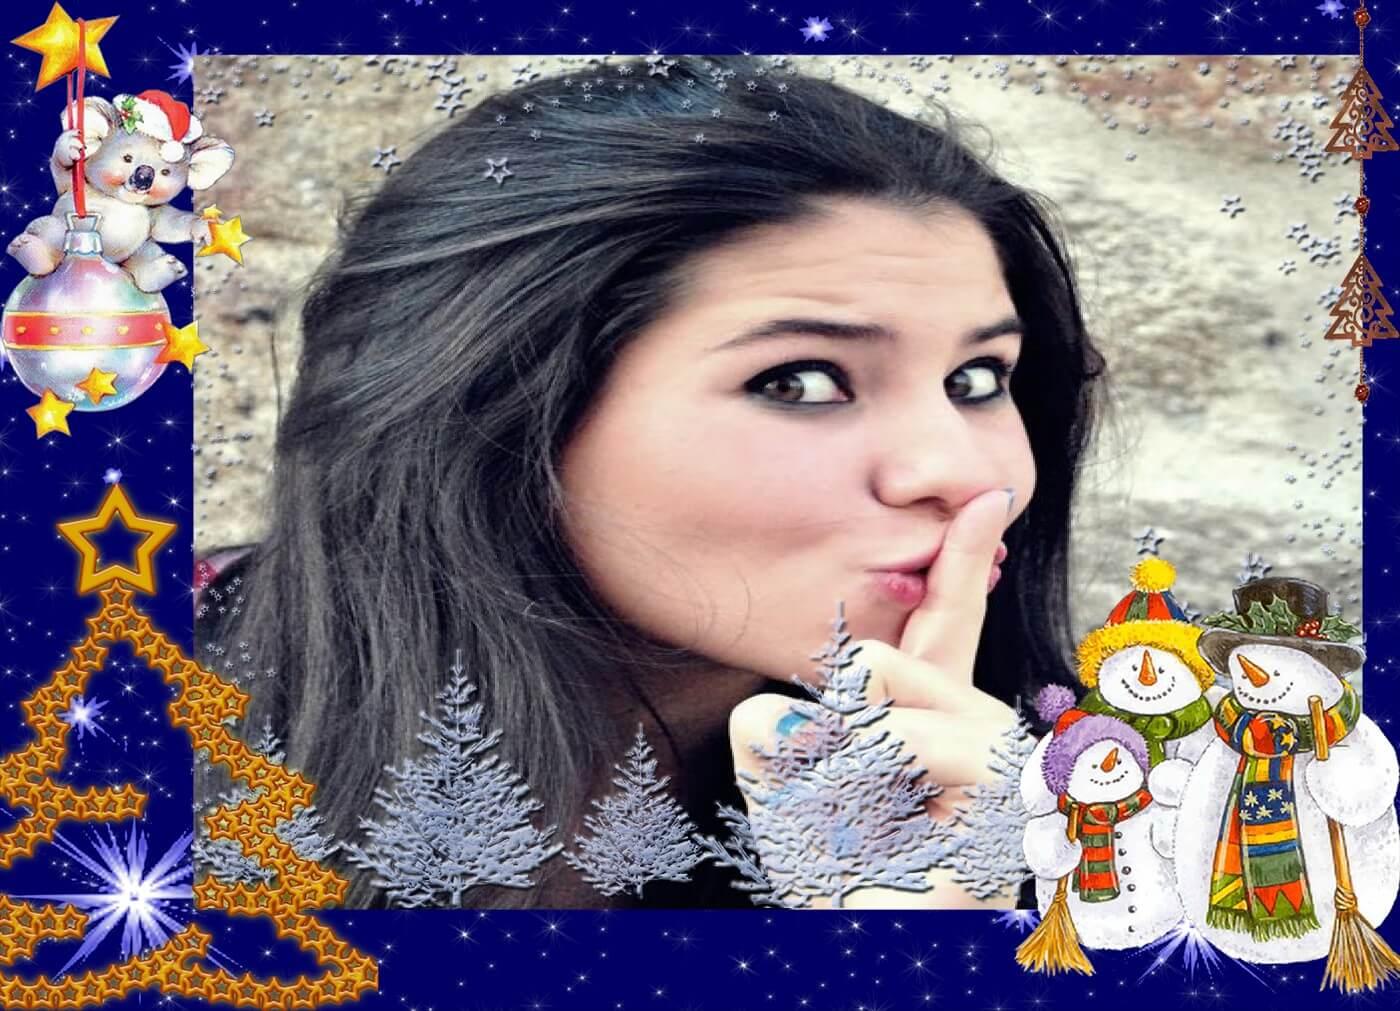 montagens-de-fotos-gratis-para-natal-com-bonecos-de-neve